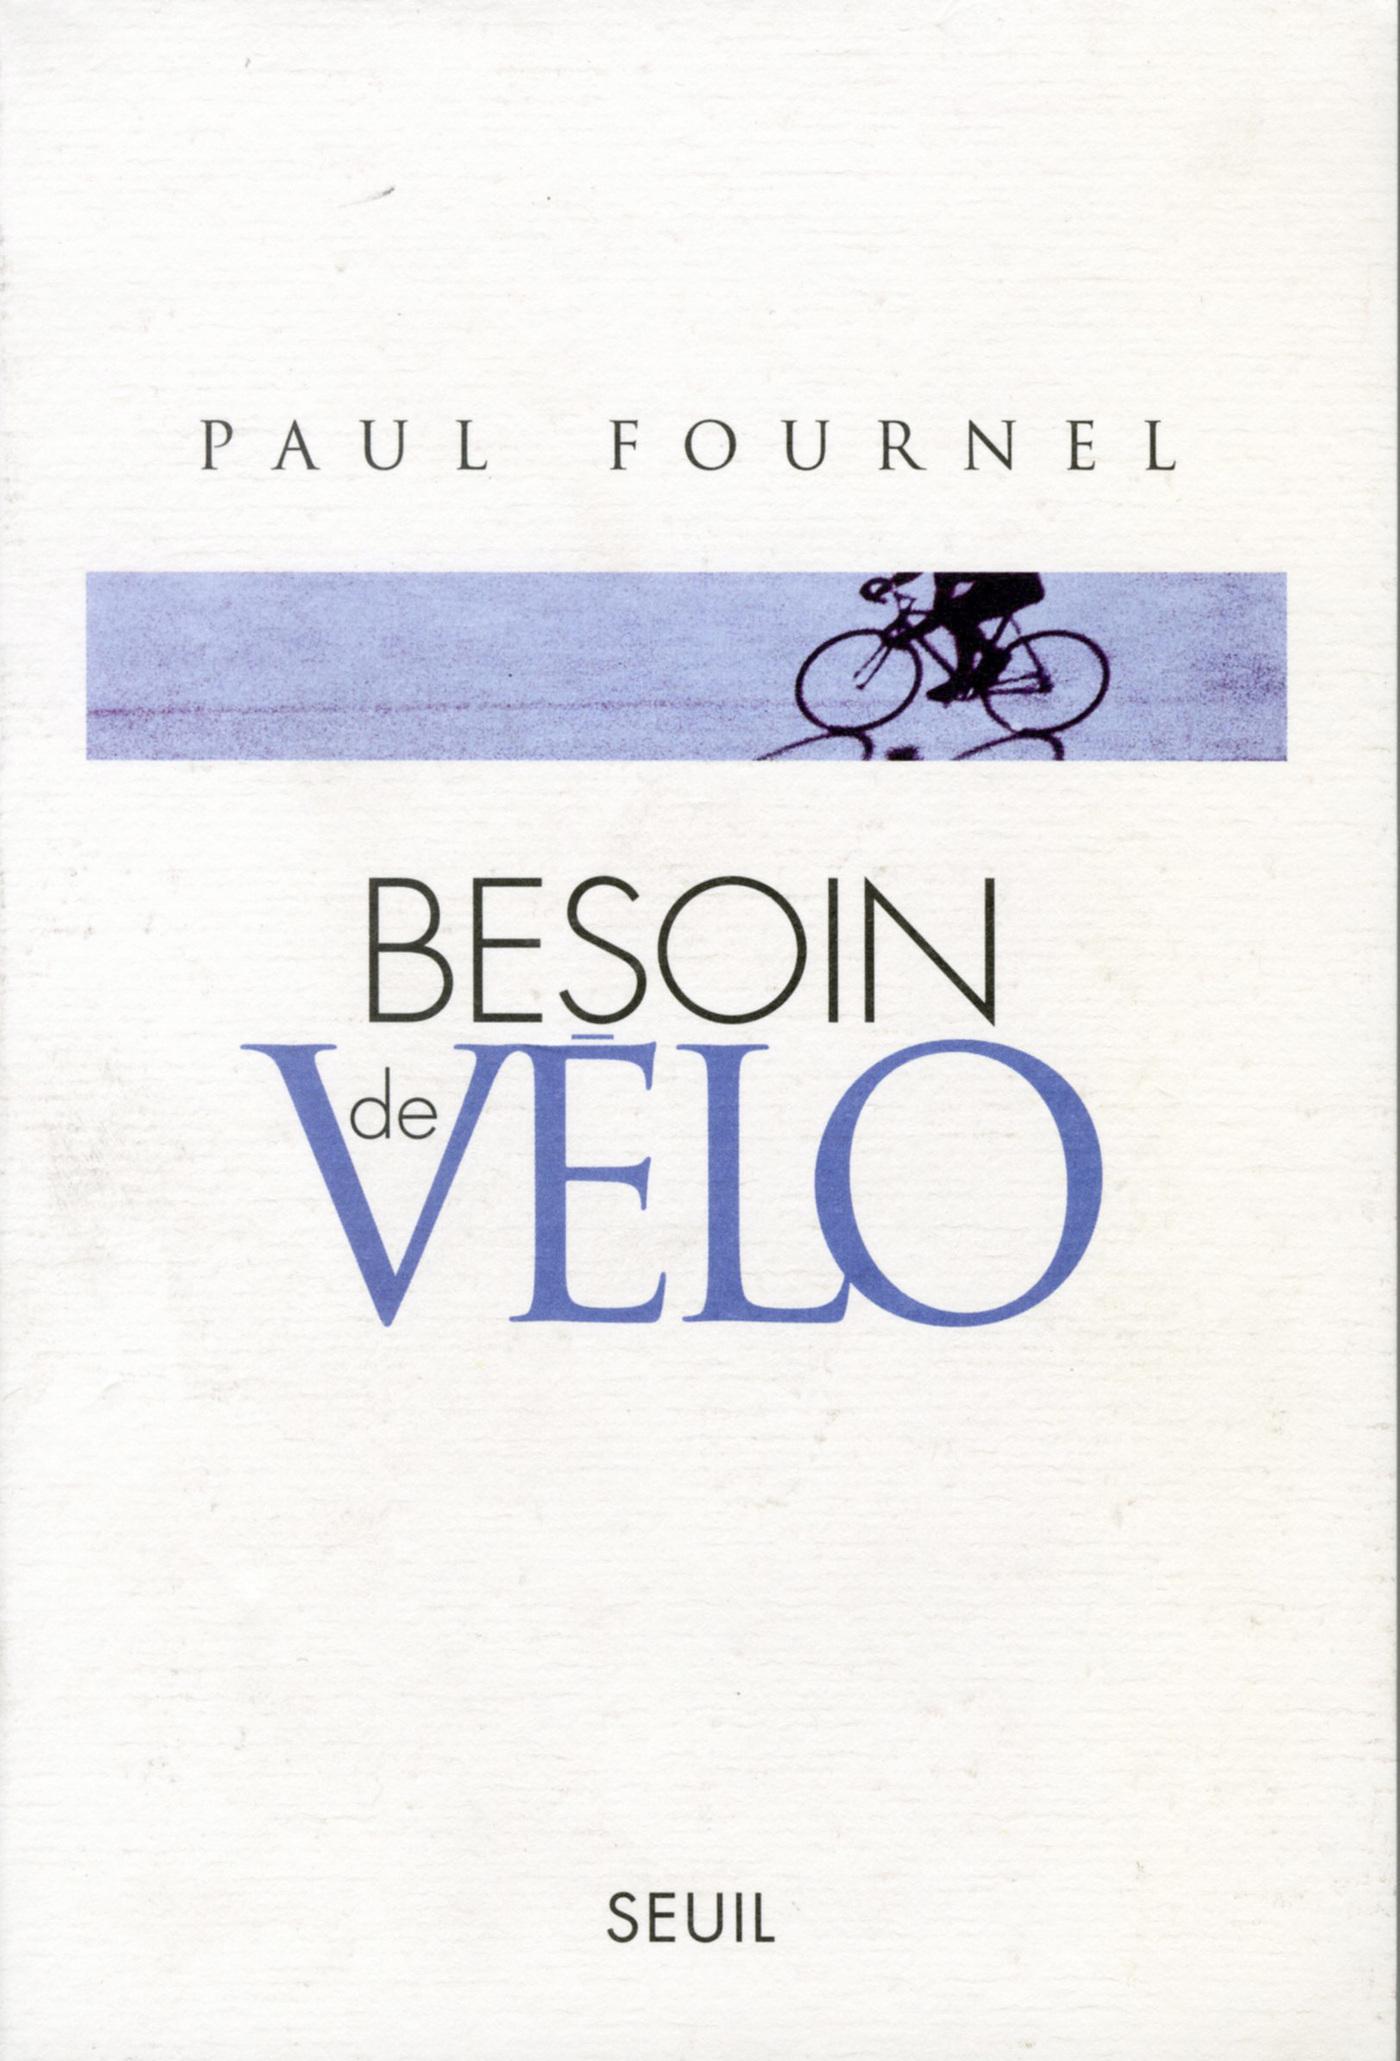 Besoin de vélo